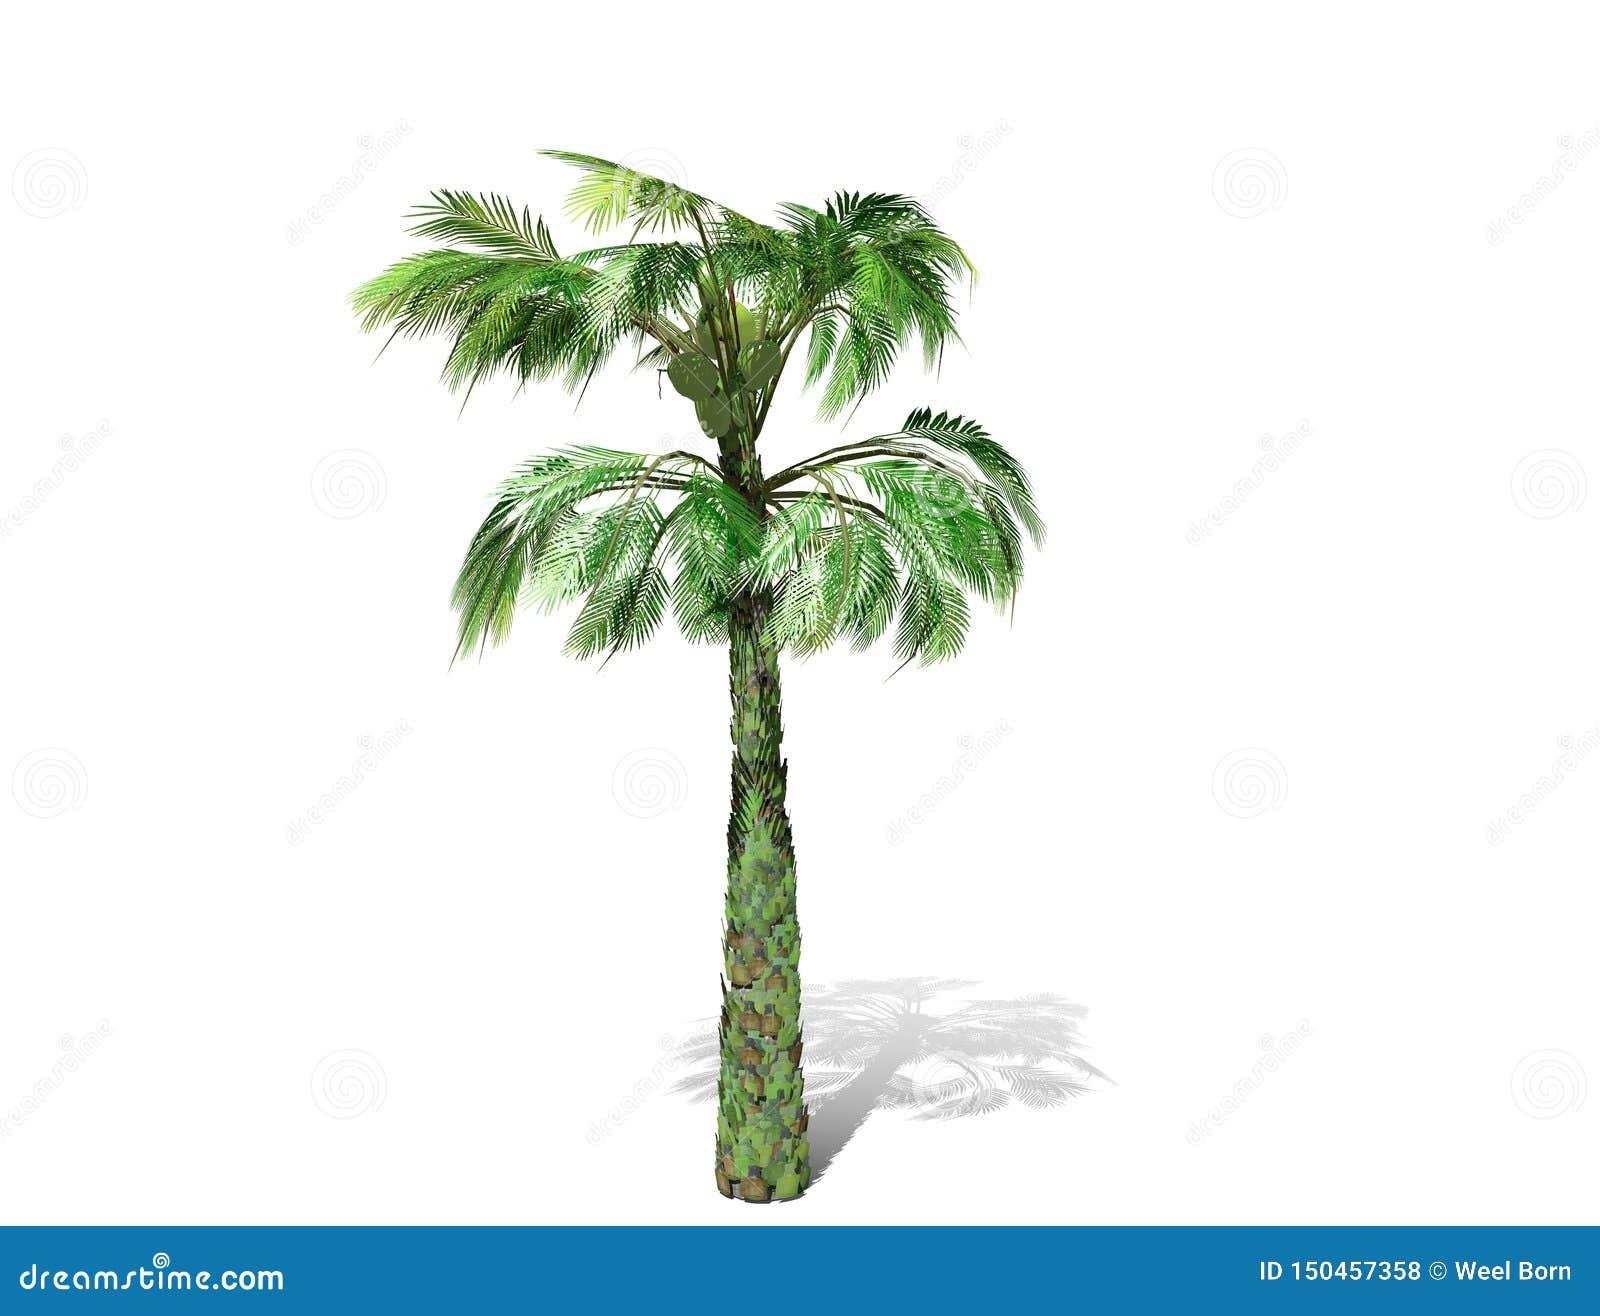 Uma palmeira alta isolada sobre um fundo branco